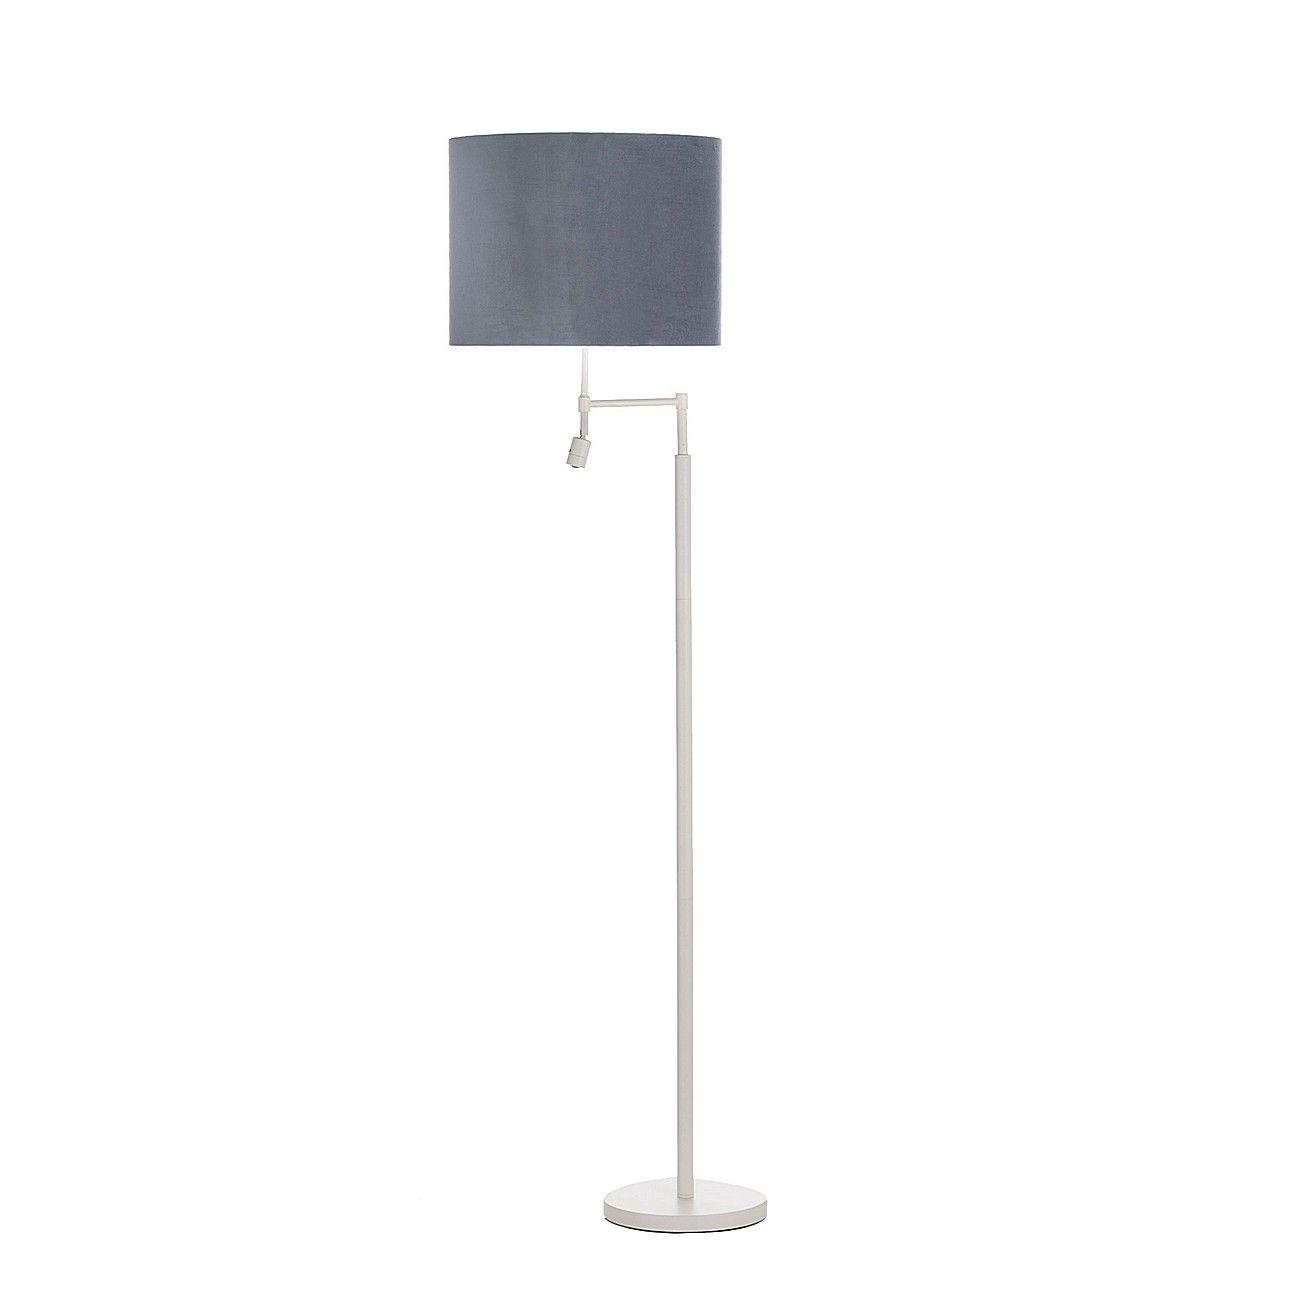 Full Size of P45053 Ikea Miniküche Sofa Mit Schlaffunktion Küche Kosten Betten 160x200 Kaufen Bei Stehlampen Wohnzimmer Modulküche Wohnzimmer Ikea Stehlampen